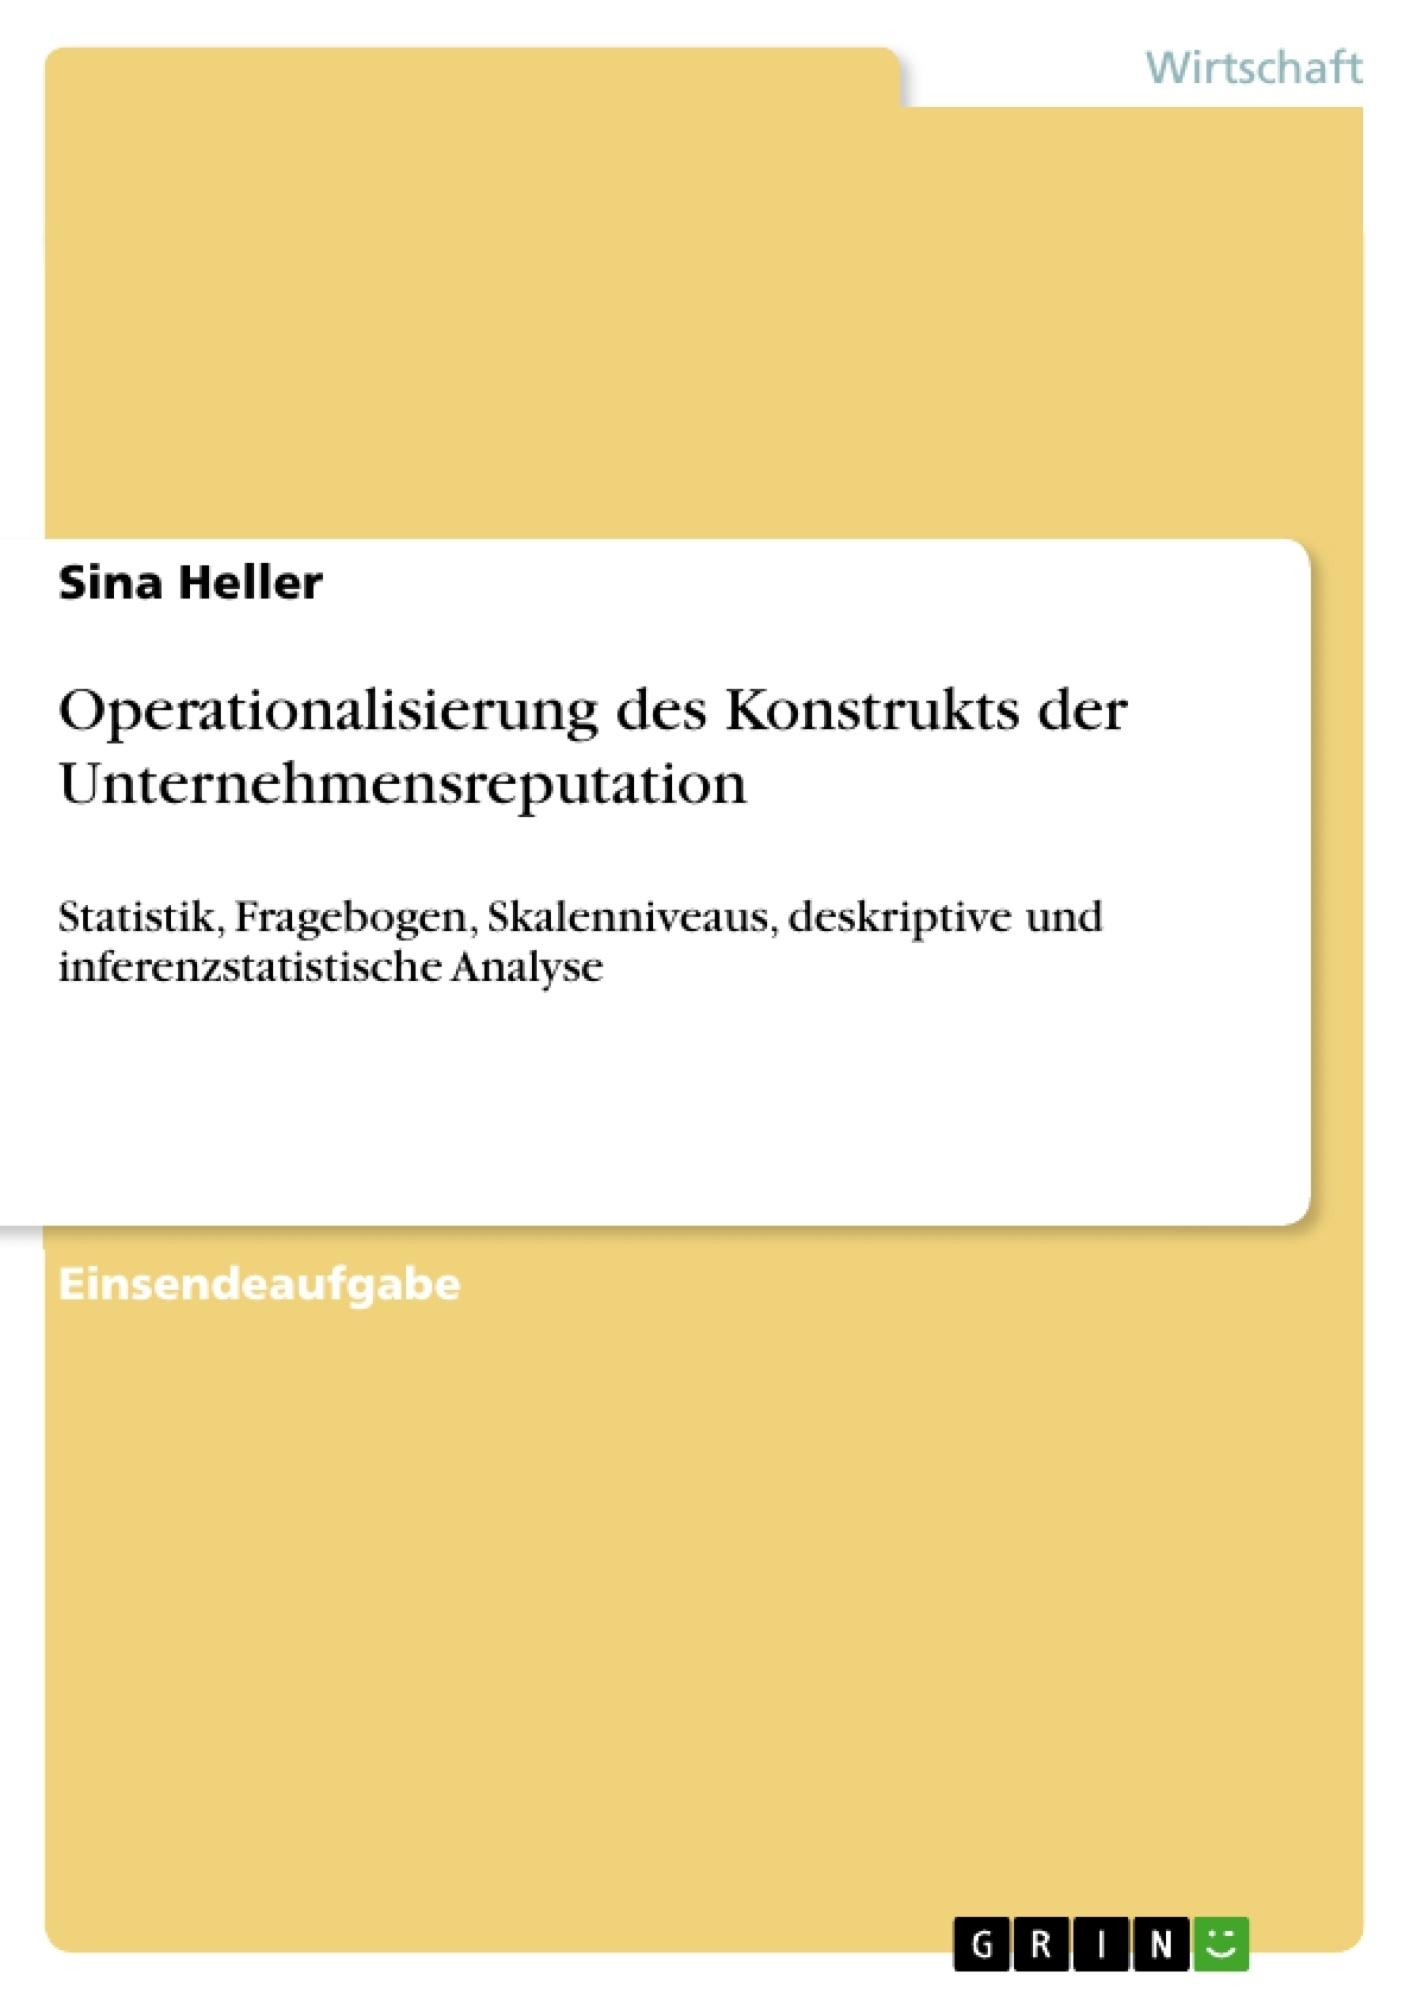 Titel: Operationalisierung des Konstrukts der Unternehmensreputation